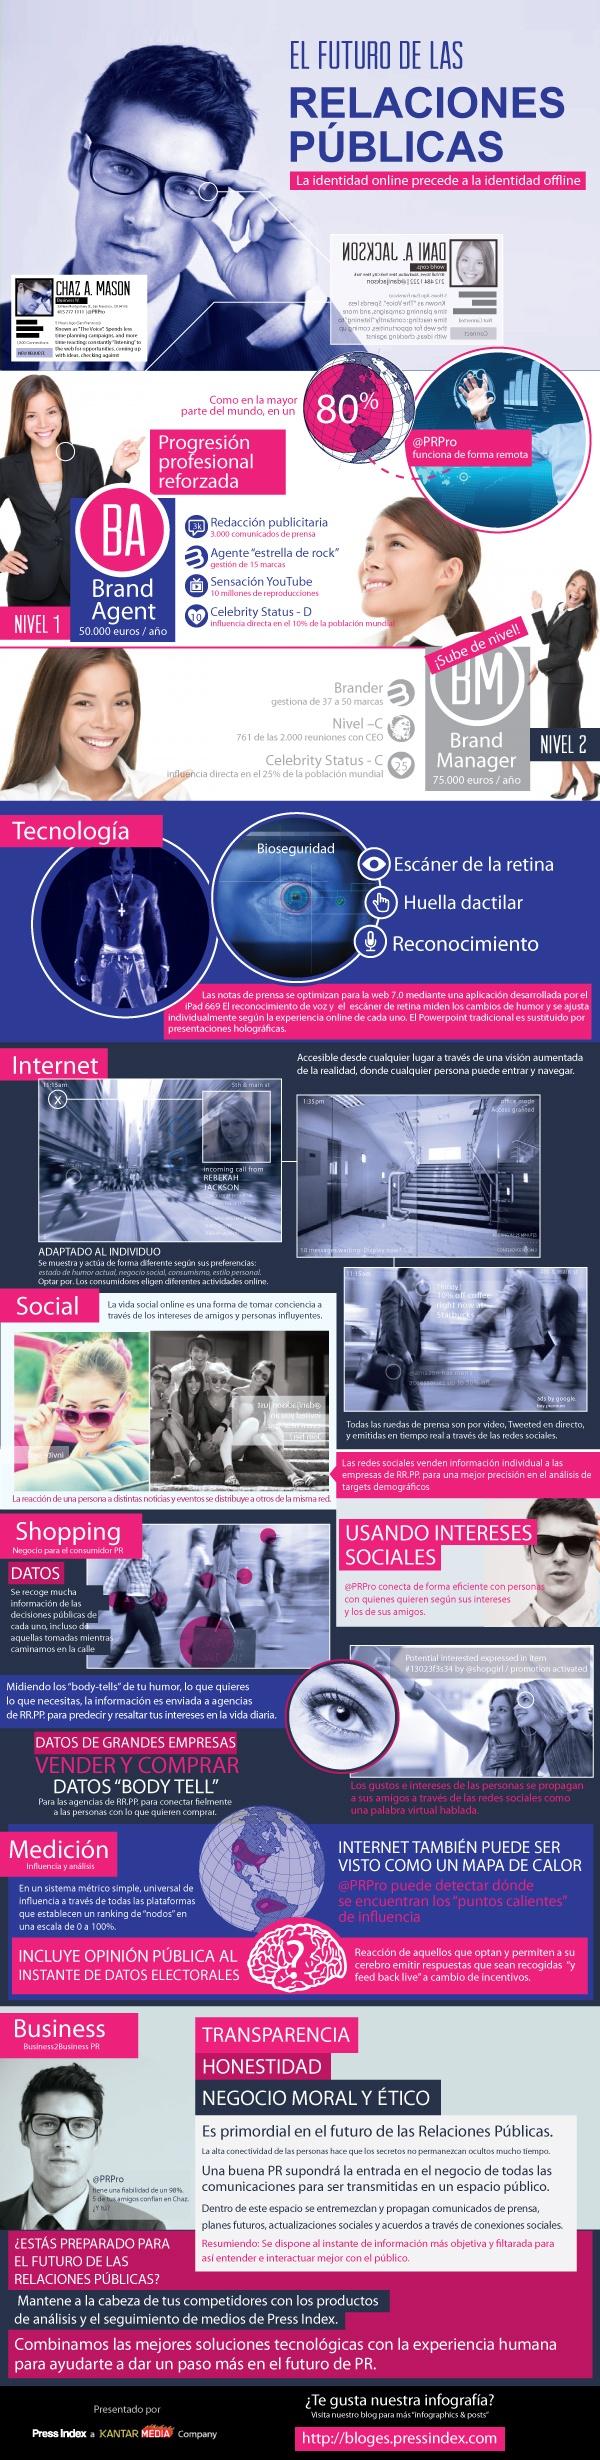 Top Comunicación - futuro de las relaciones públicas en la era 3.0